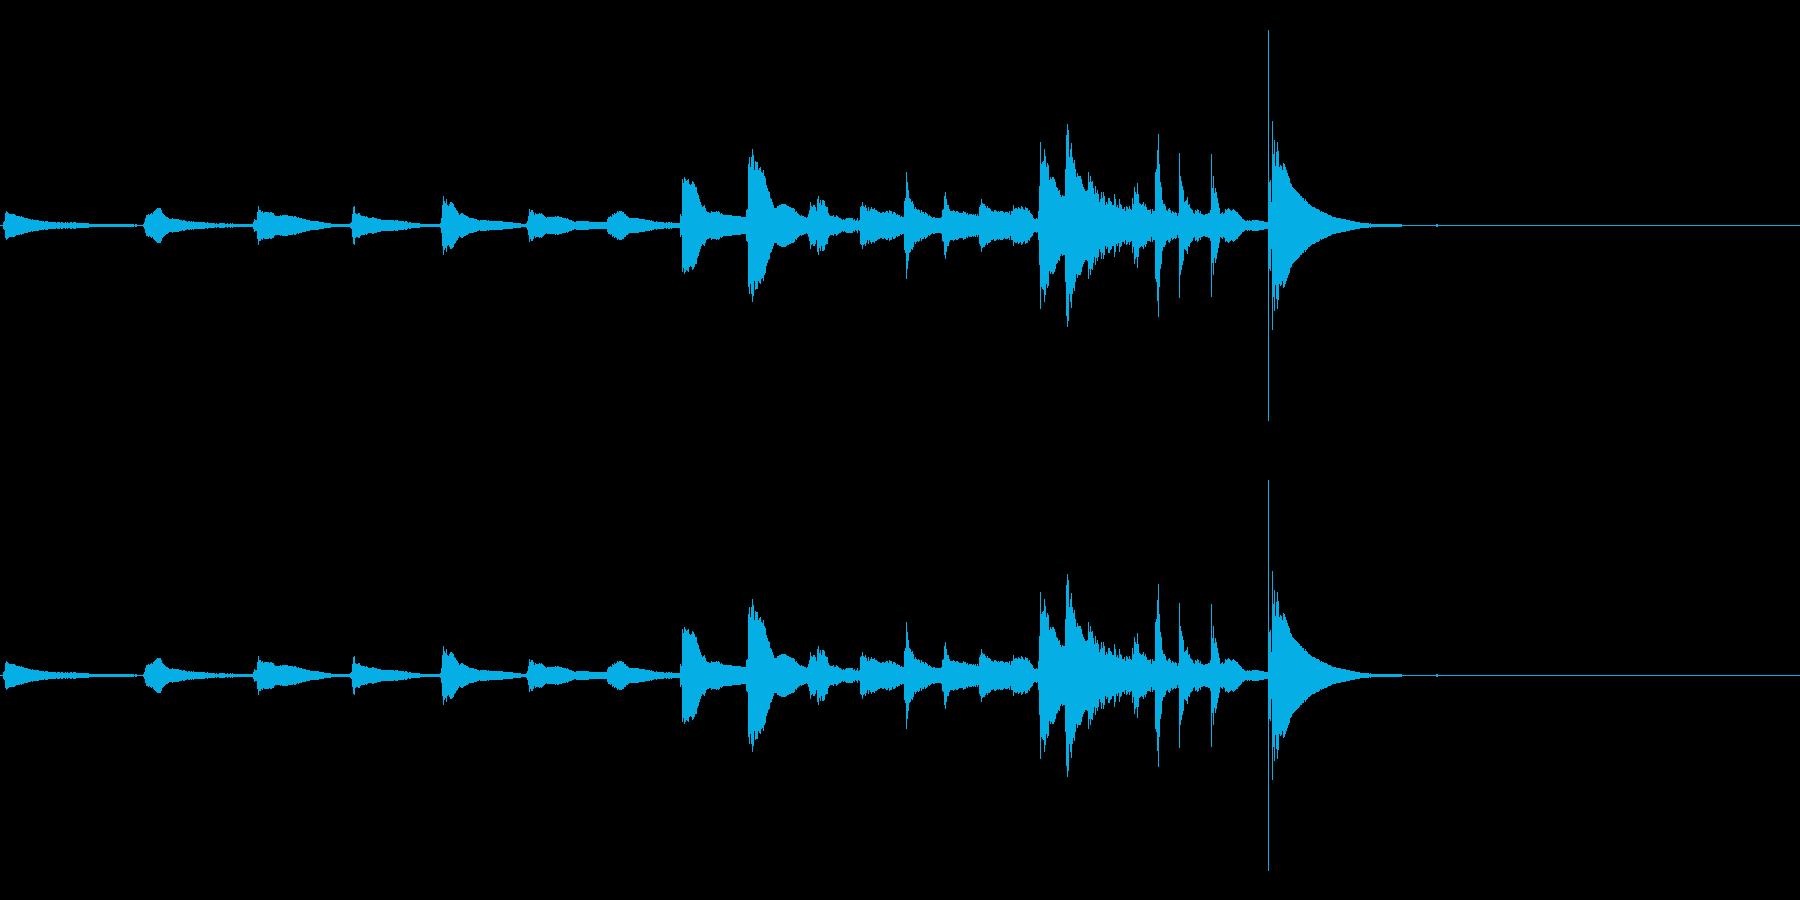 生演奏 琵琶 武士 和風 古典風#16の再生済みの波形